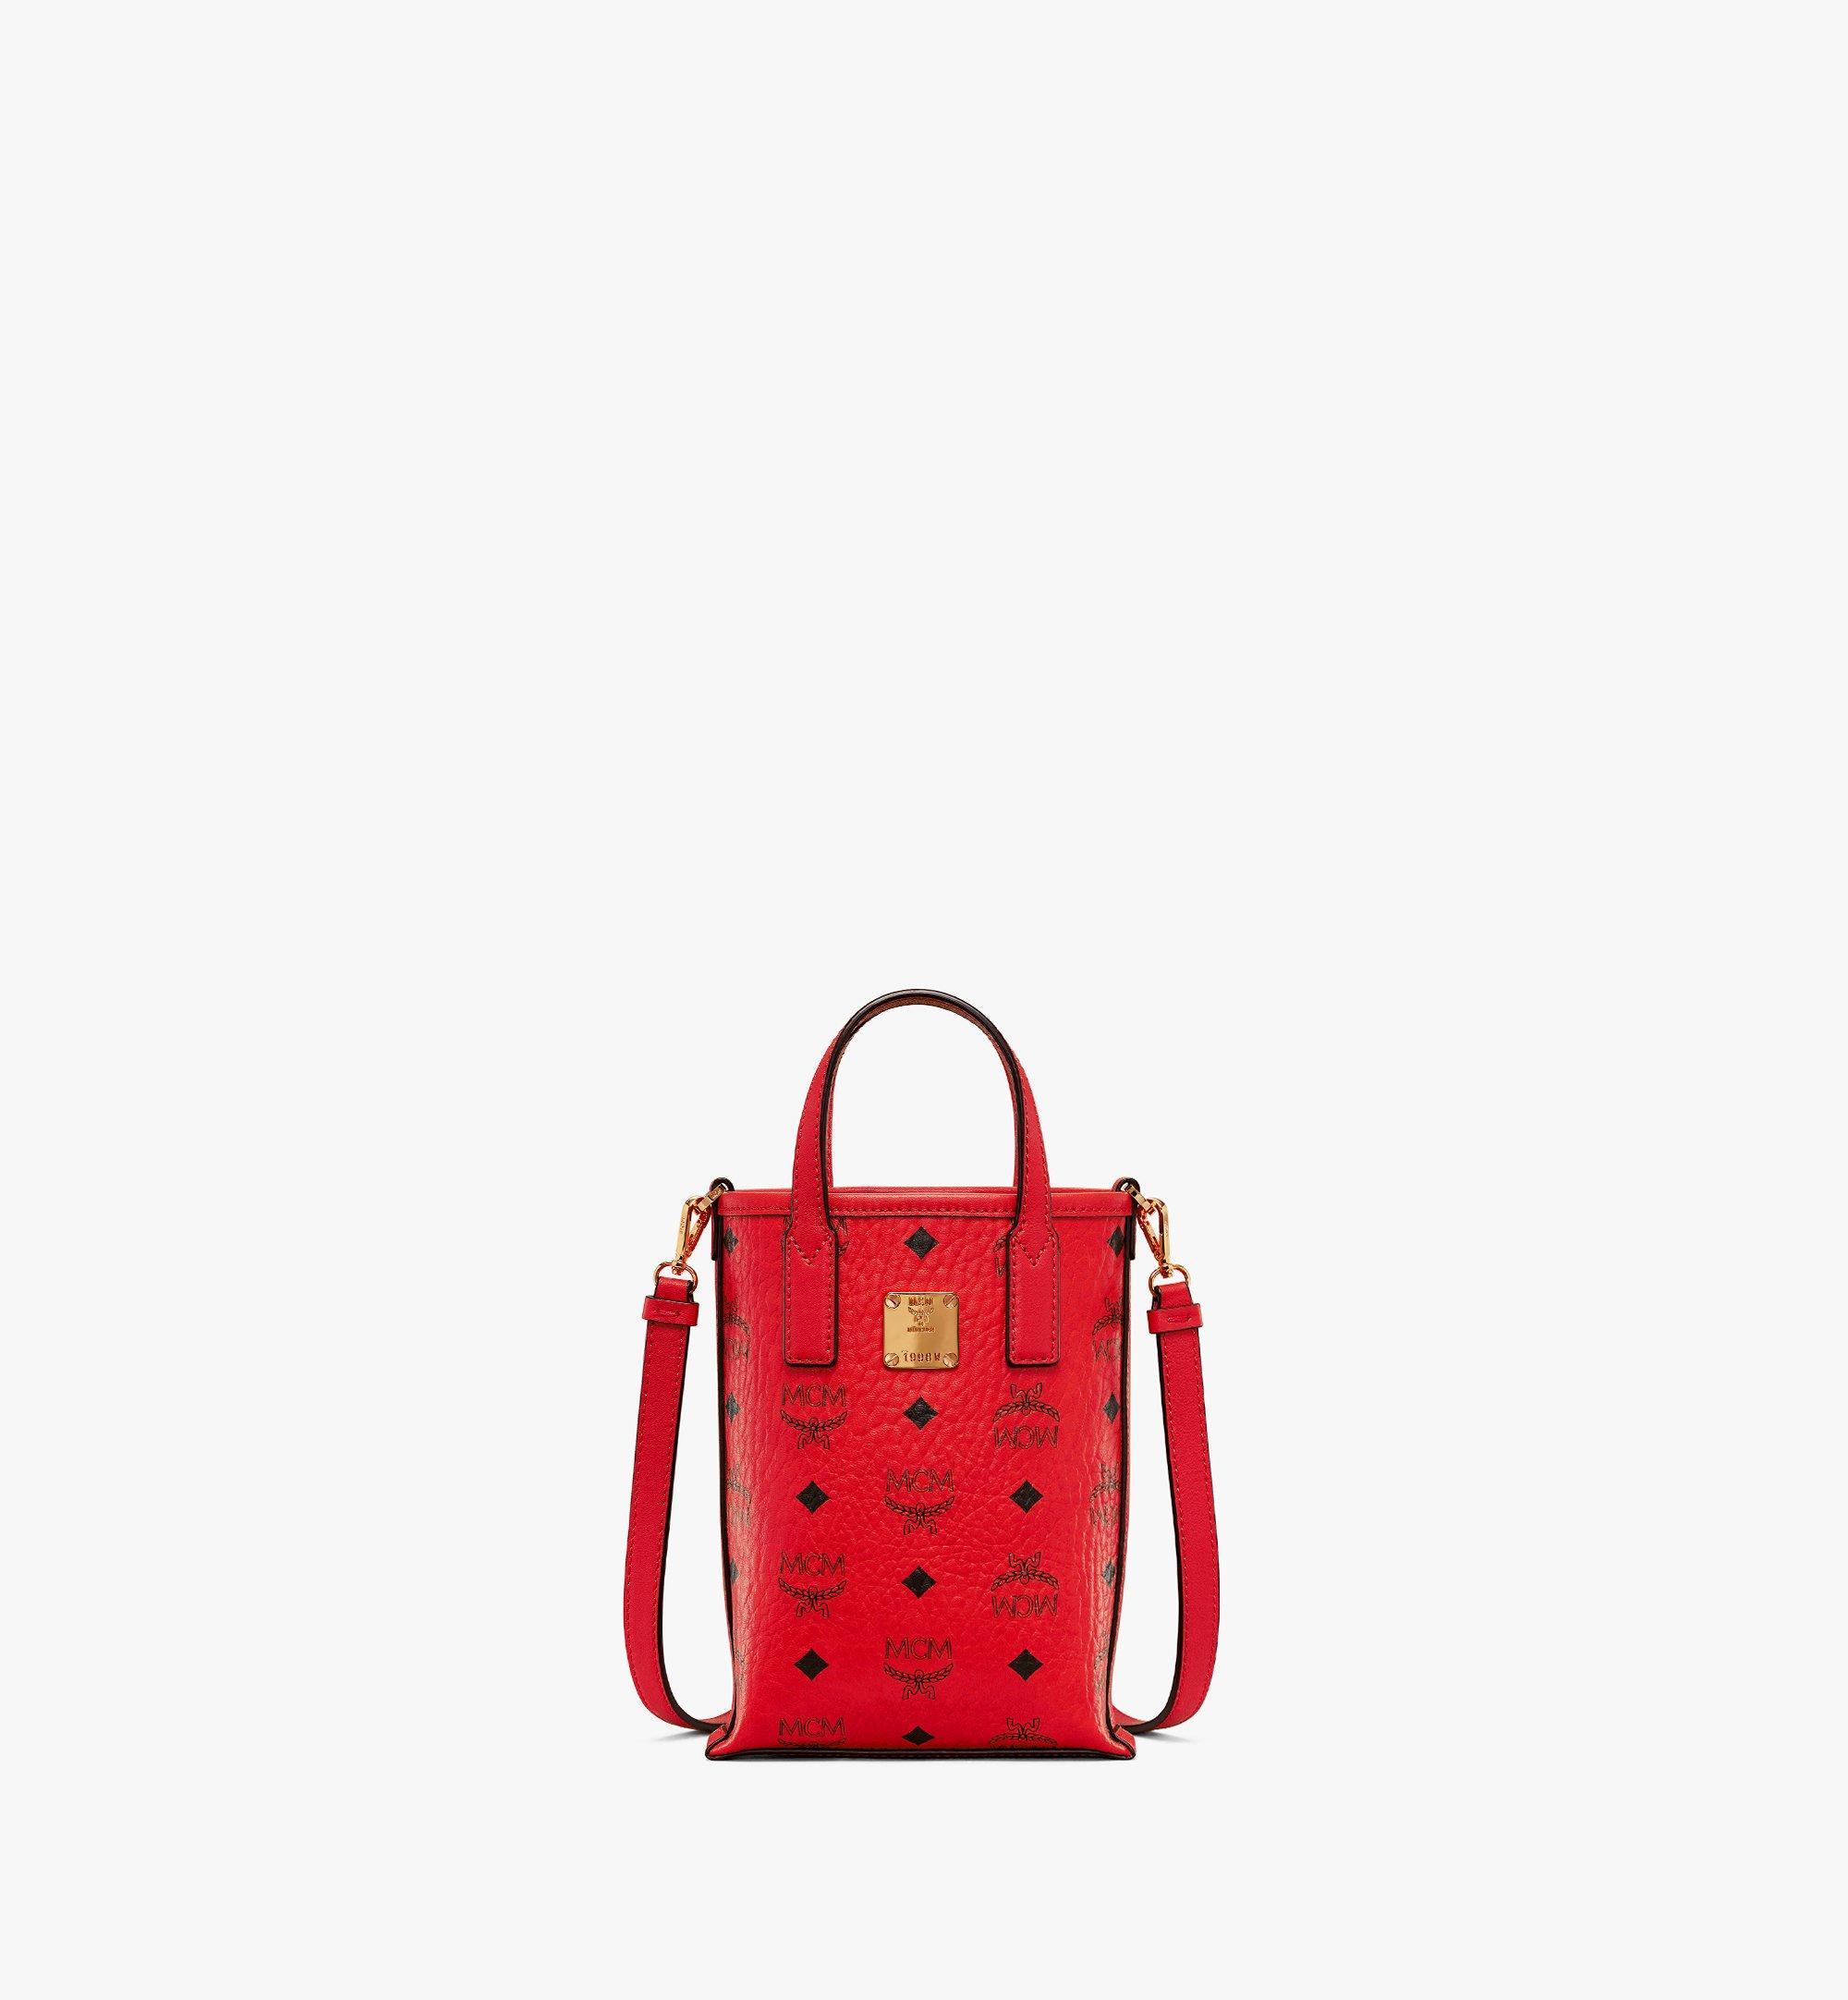 MCM Essential Crossbody Bag in Visetos Red MWRAASE05RU001 Alternate View 1